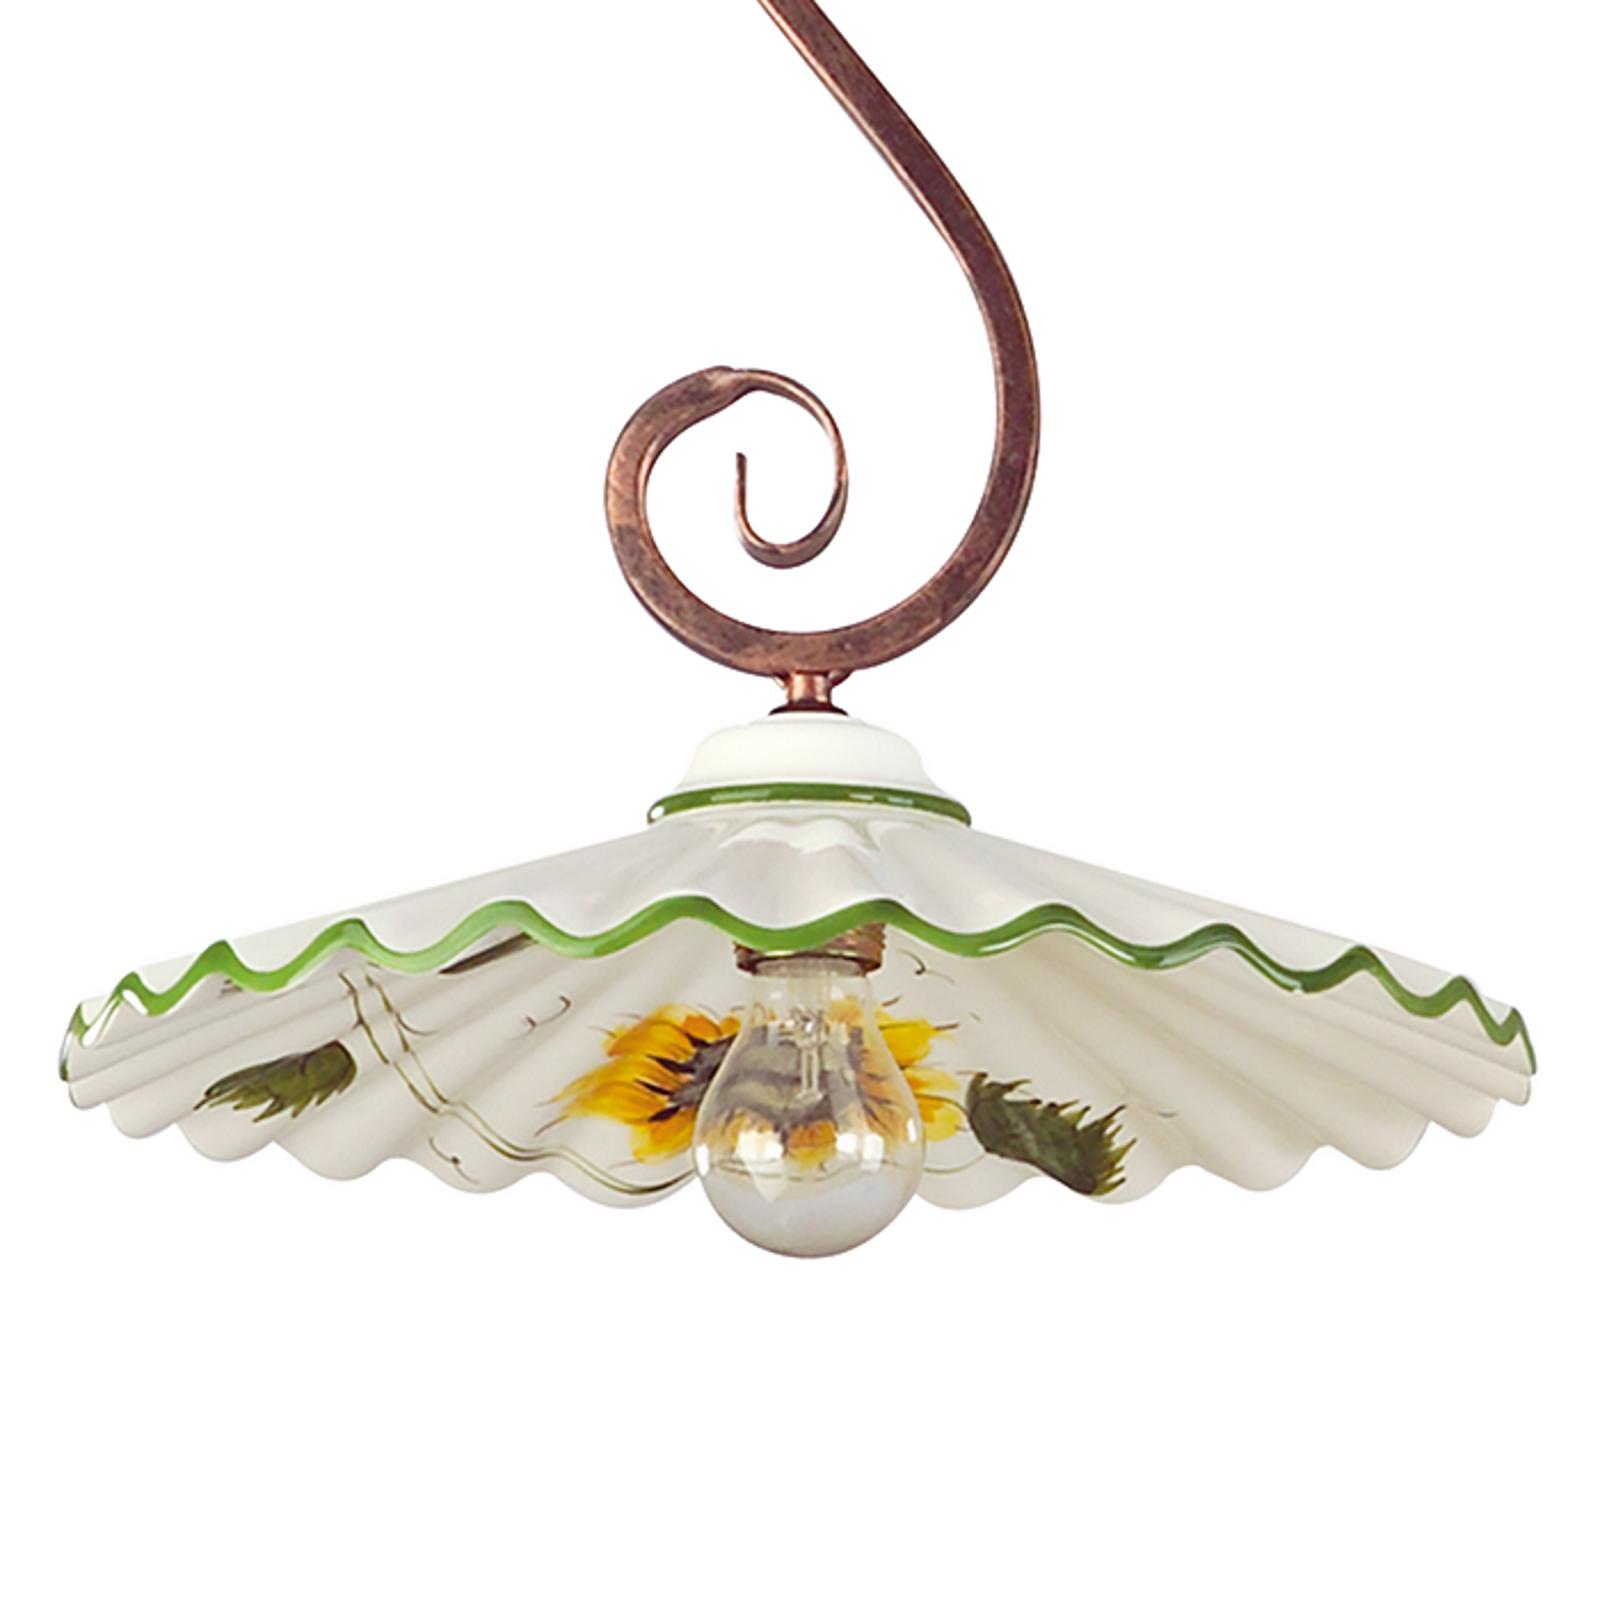 Taklampa Rusticana med s-formad upphängning